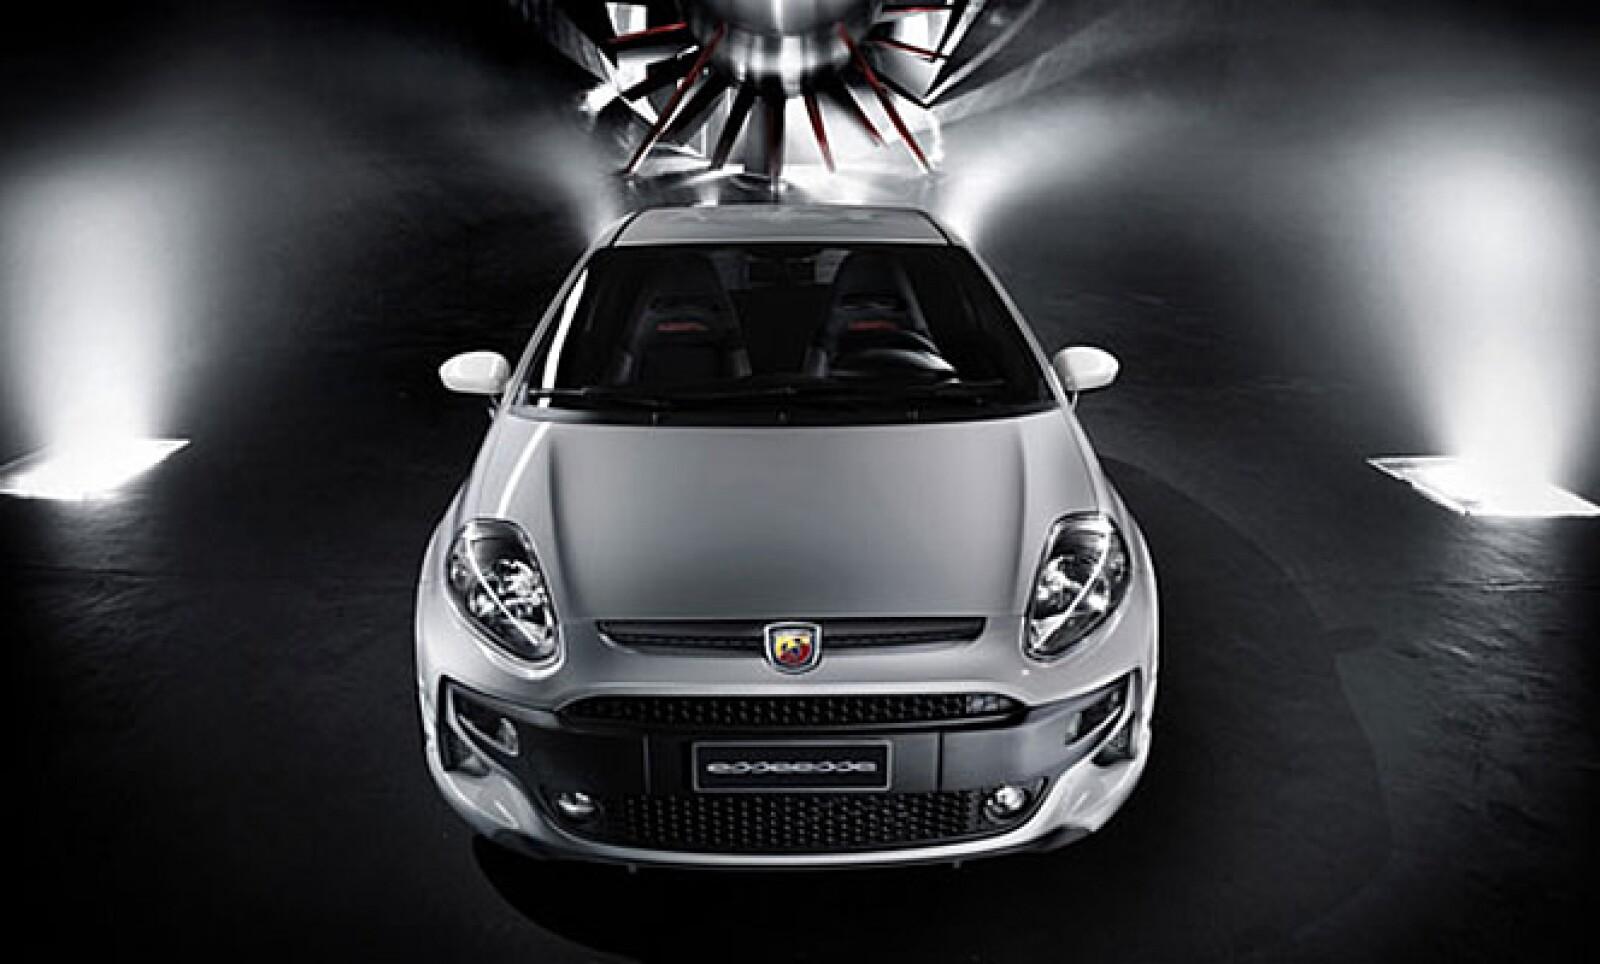 El nombre Essesse es el que bautiza a esta versión con 180 hp, suspensión deportiva y frenos potentes. Es capaz de alcanzar los 100 Km/h en 7.5 segundos y tiene una velocidad máxima de 216 Km/h.